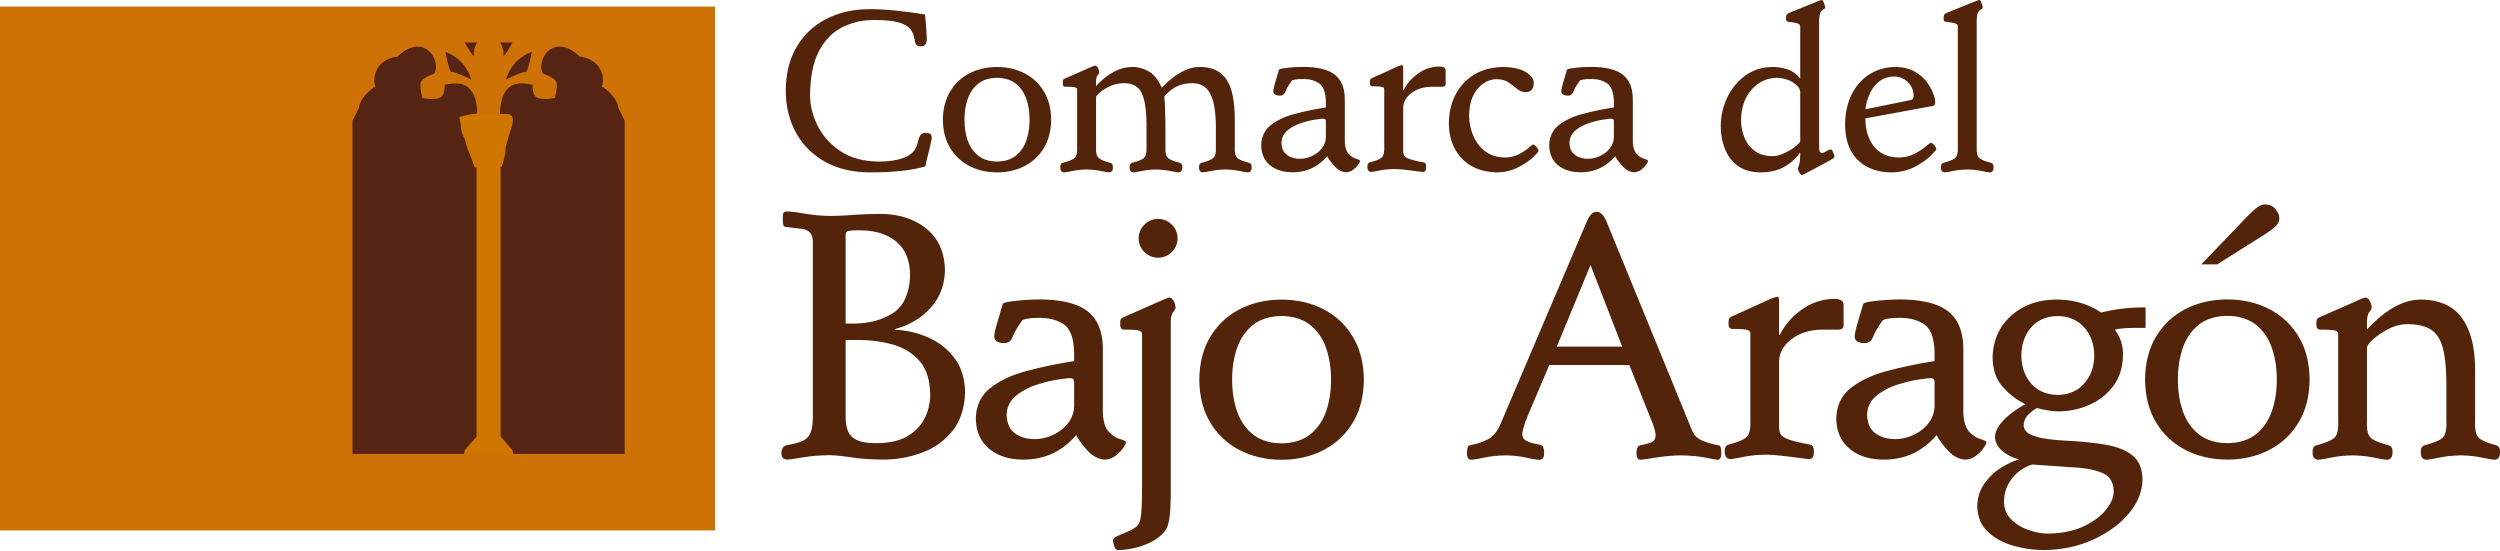 logotipo comarca bajo aragón